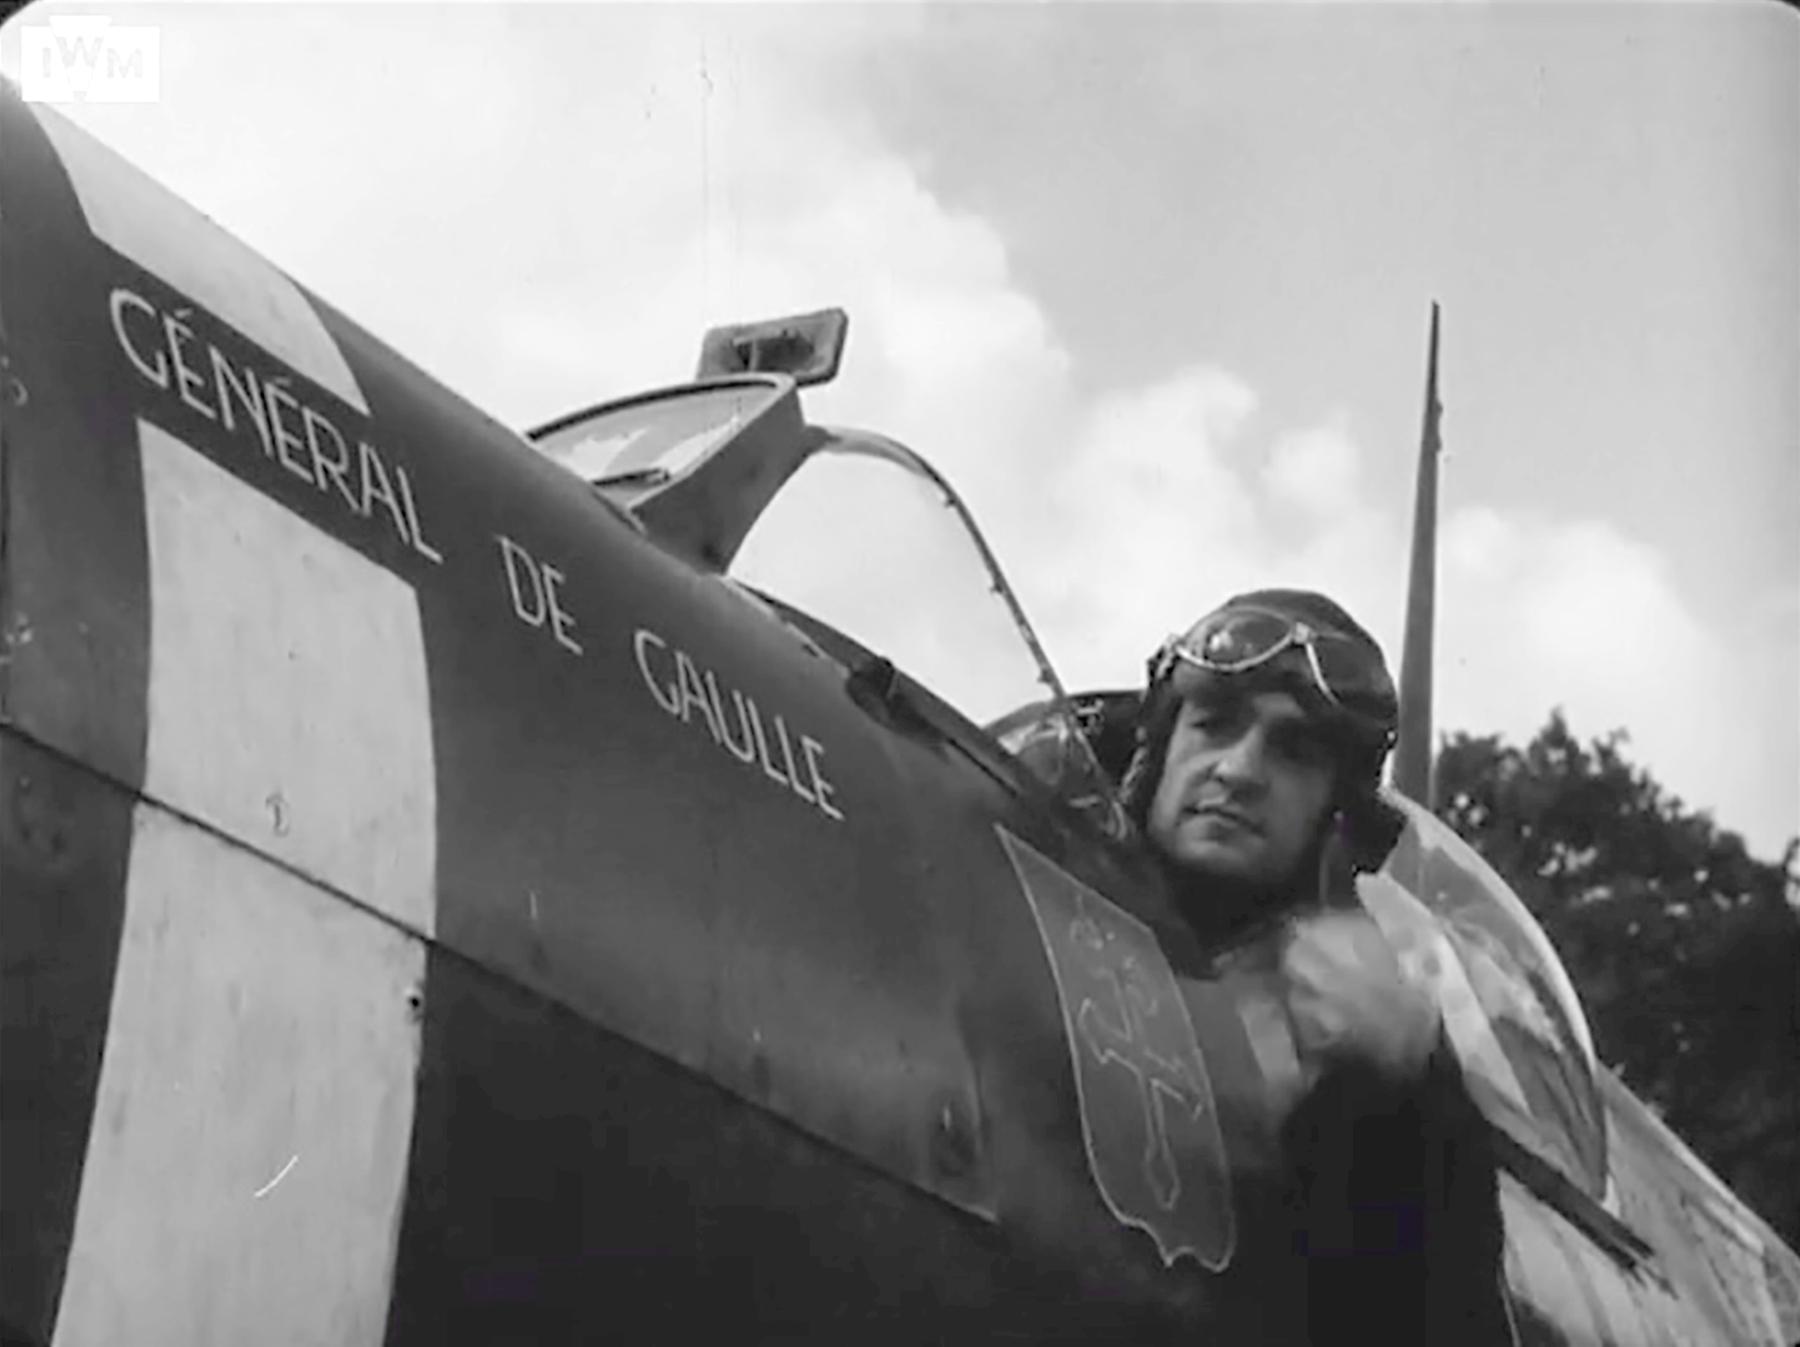 Spitfire MkVb RAF 340Sqn GWY Marcel Albert Westhampnett Chichester 6th July 1942 IWM 01